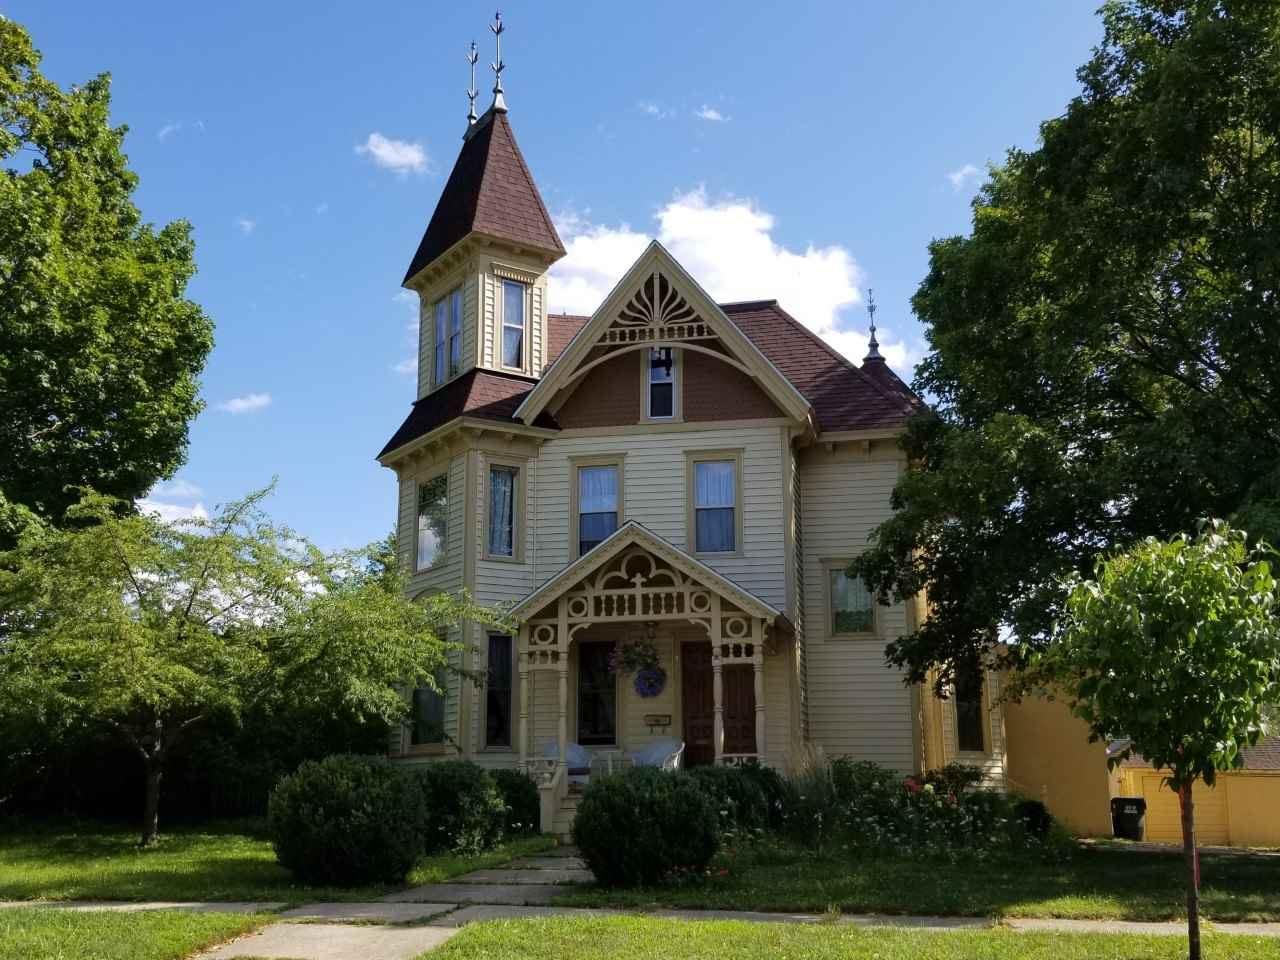 314 W Franklin St, Portage, WI 53901 - #: 1878035